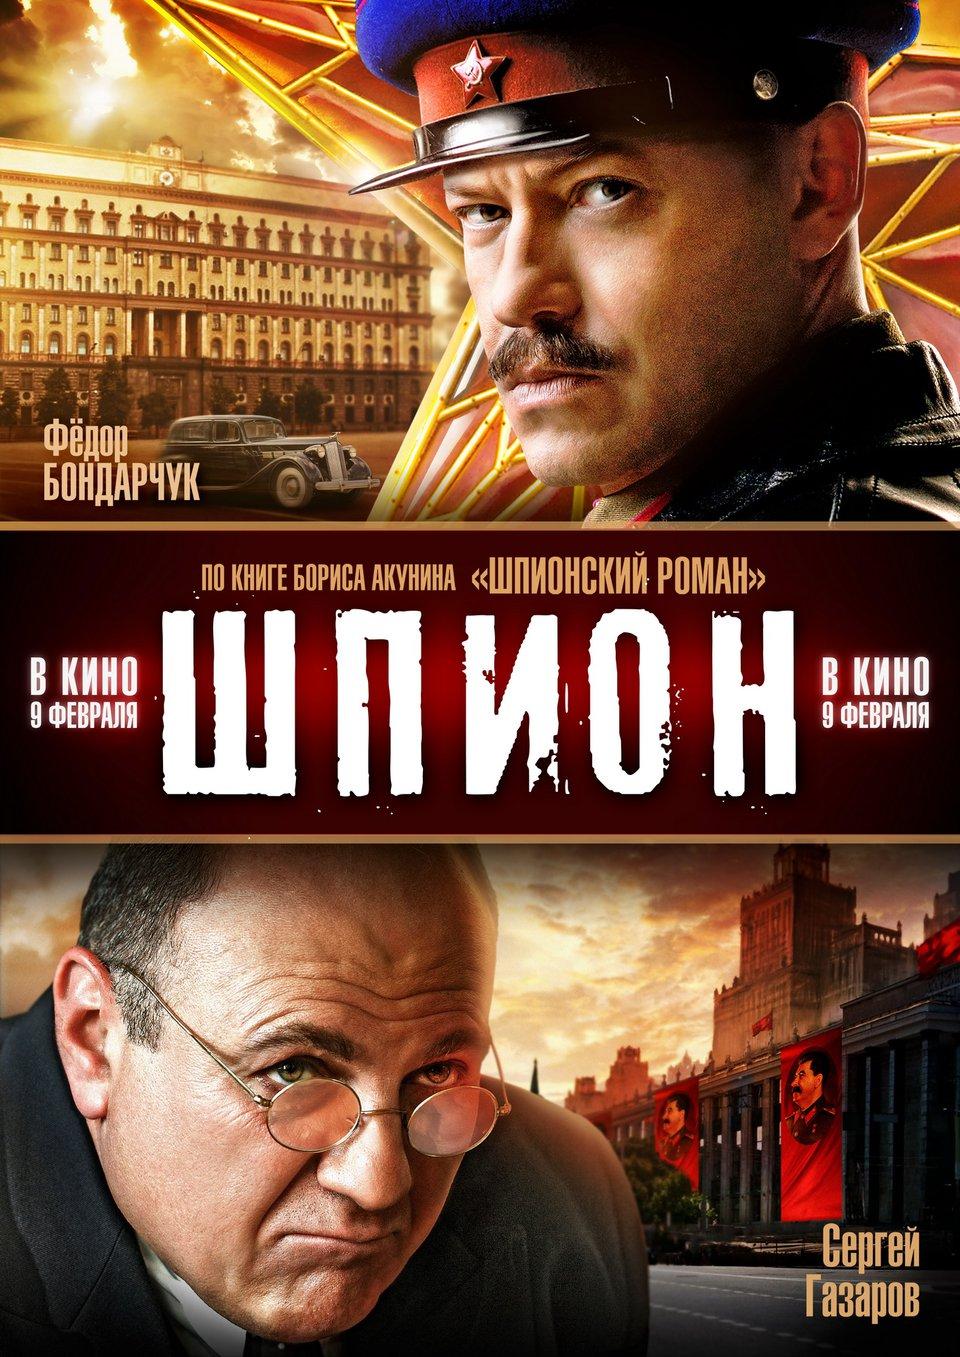 «Смотреть Мультфильмы Онлайн Русские Мультфильмы» — 2001